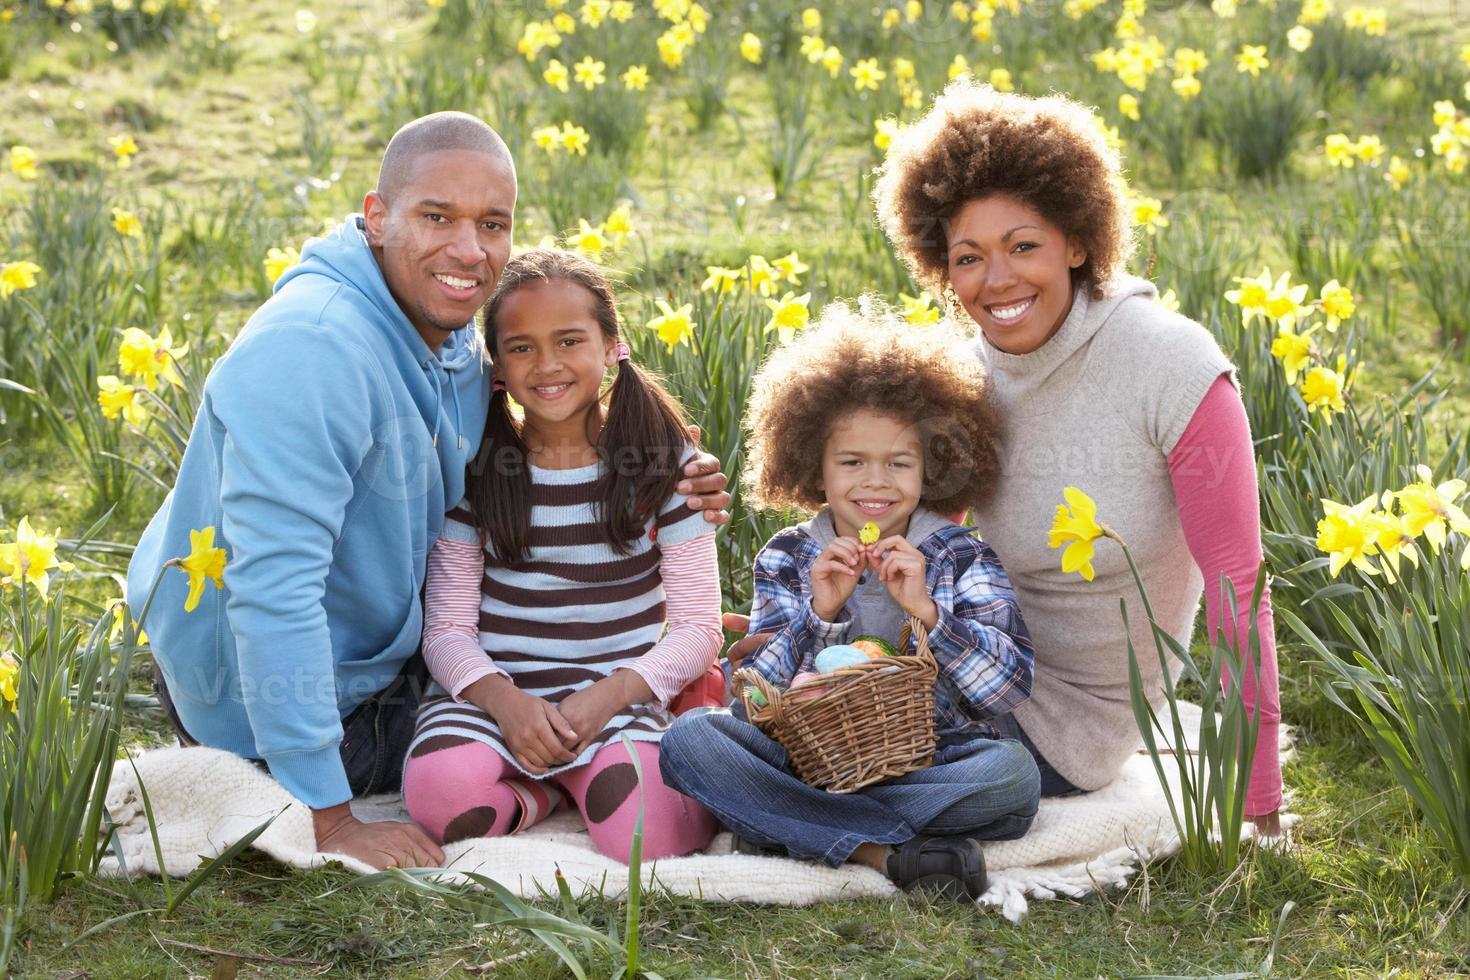 famiglia di quattro persone in posa per il ritratto tra il campo di narcisi foto